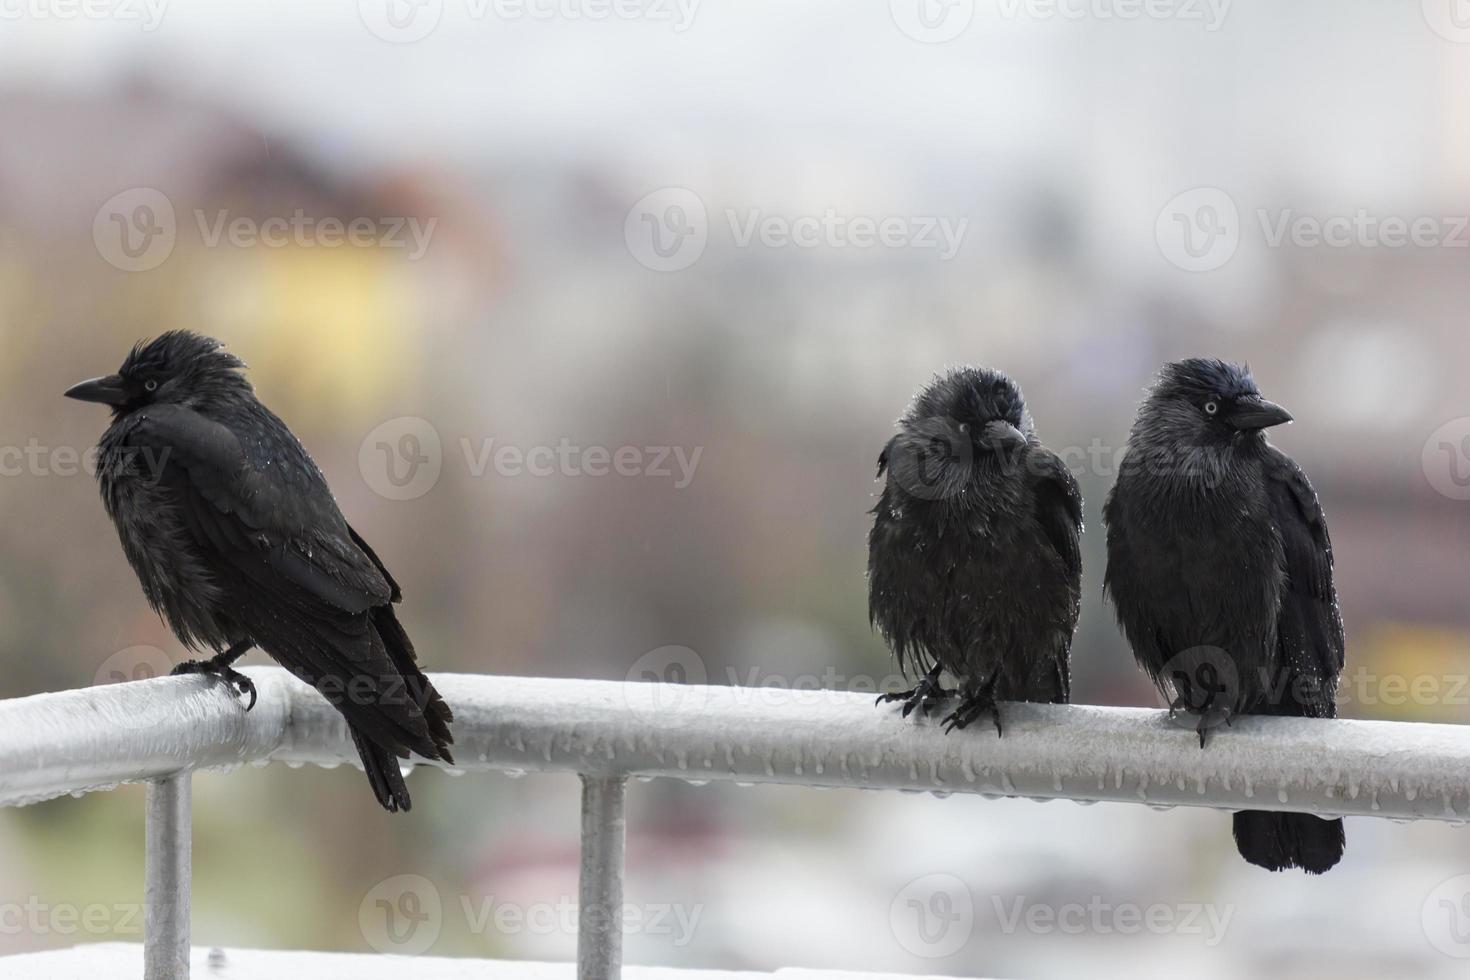 três corvos molhados, sentado no trilho da varanda foto